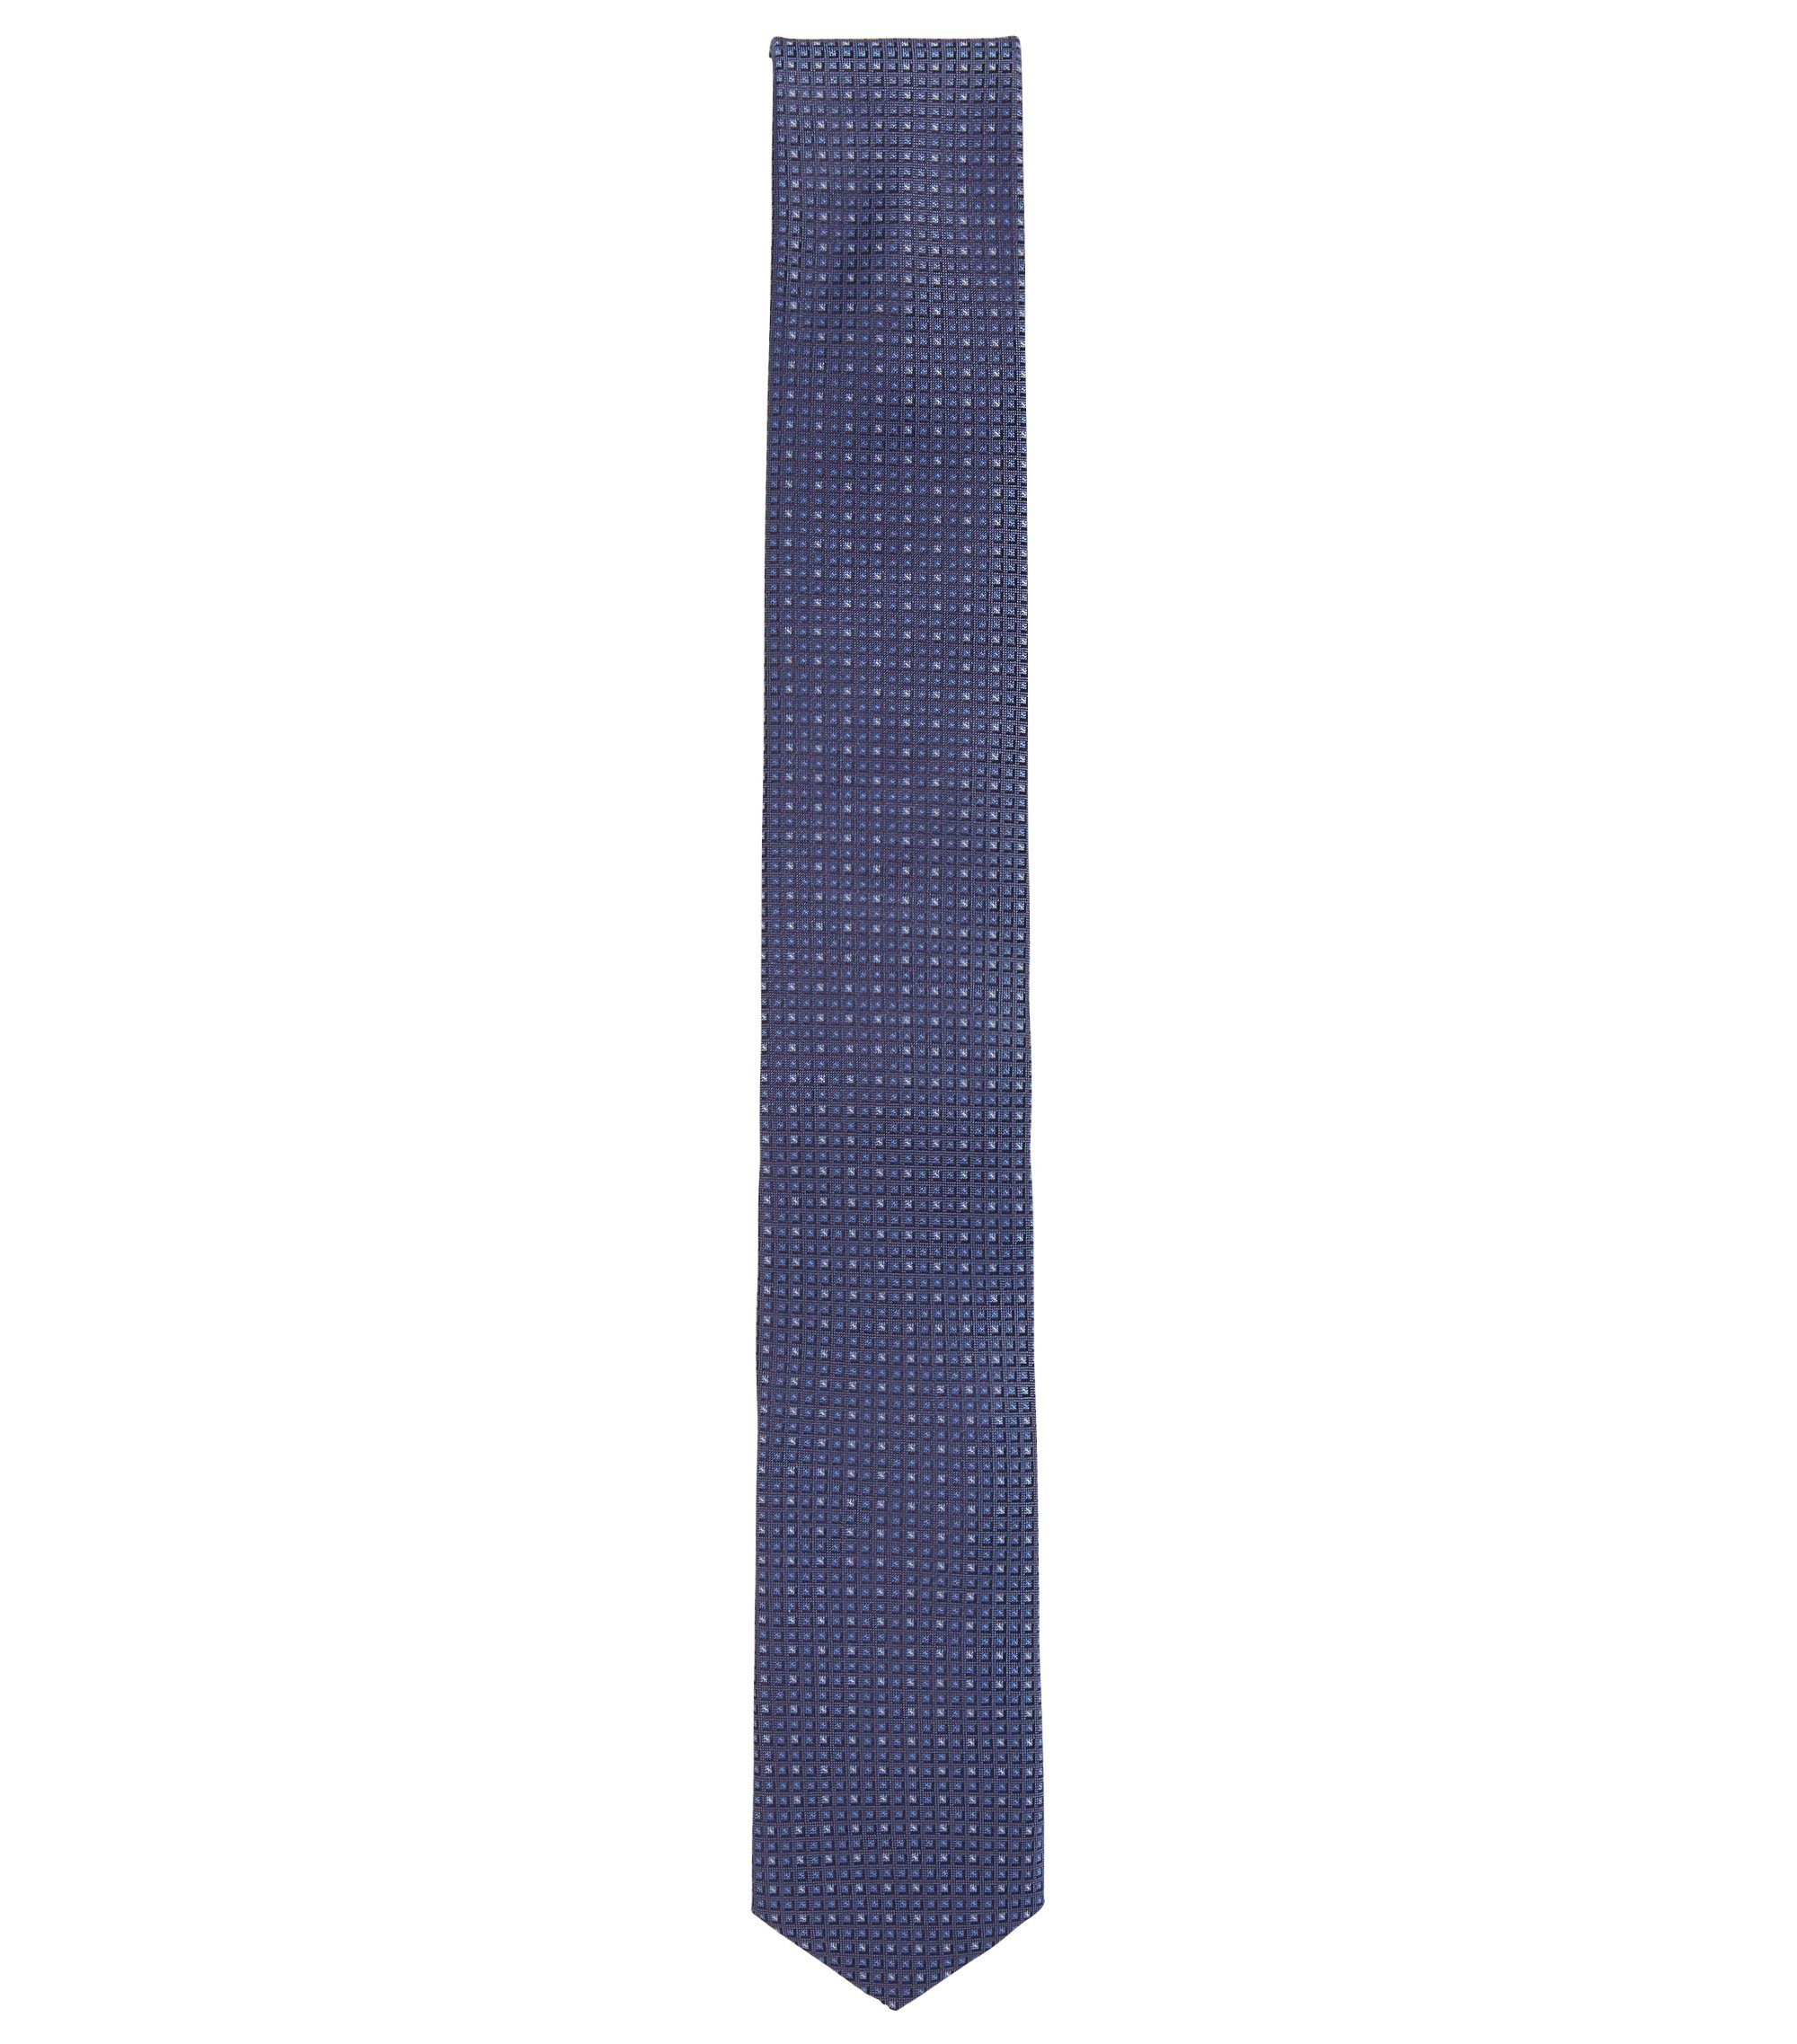 Cravatta in seta a disegni Travel Line con rivestimento idrorepellente, Blu